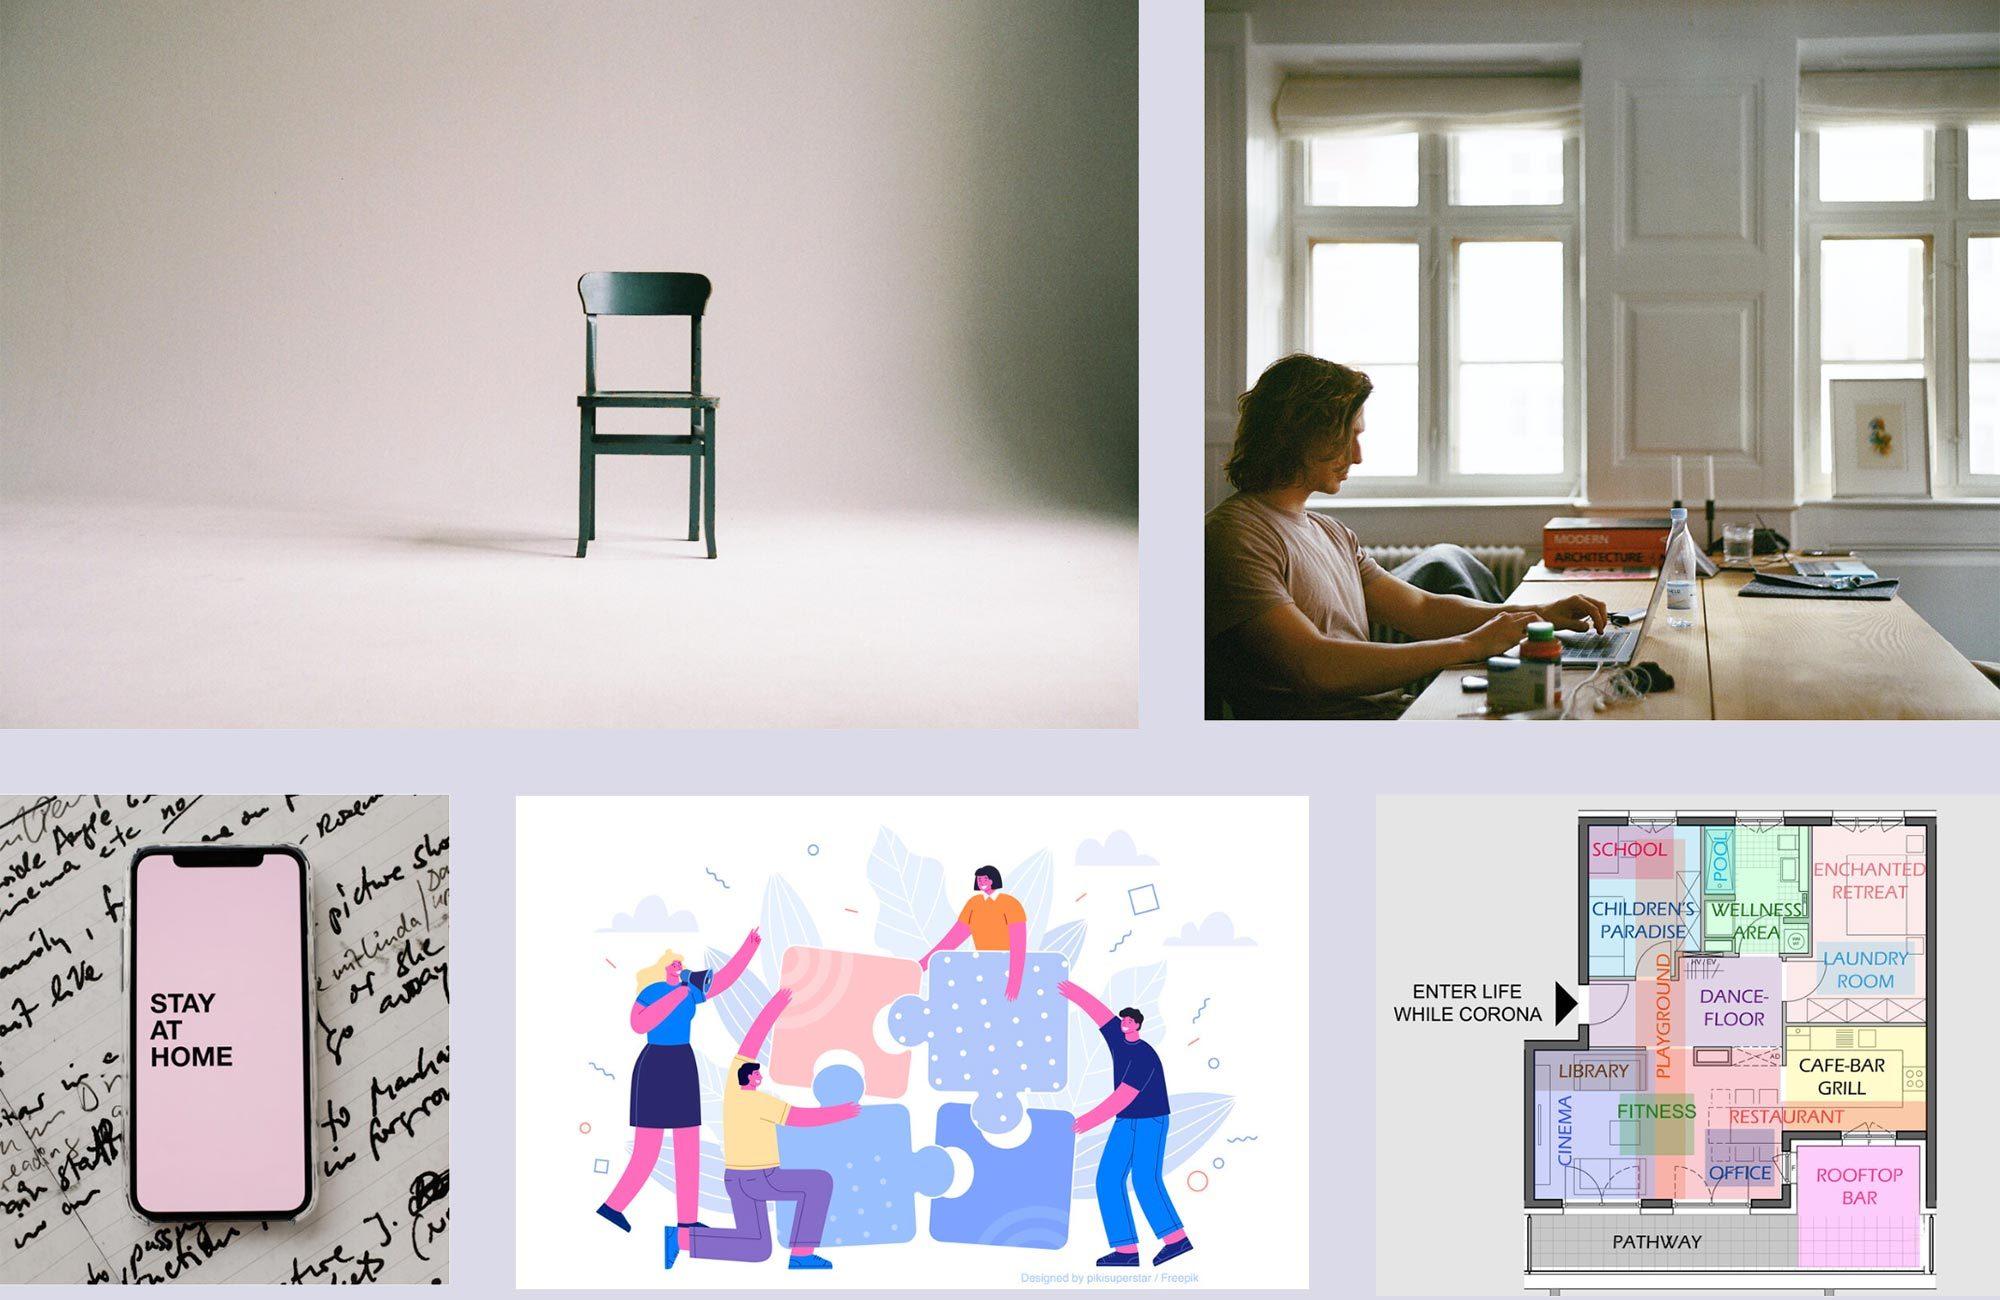 Architektur im Ausnahmezustand. Screenshot der Webseite: www.architekturimausnahmezustand.com